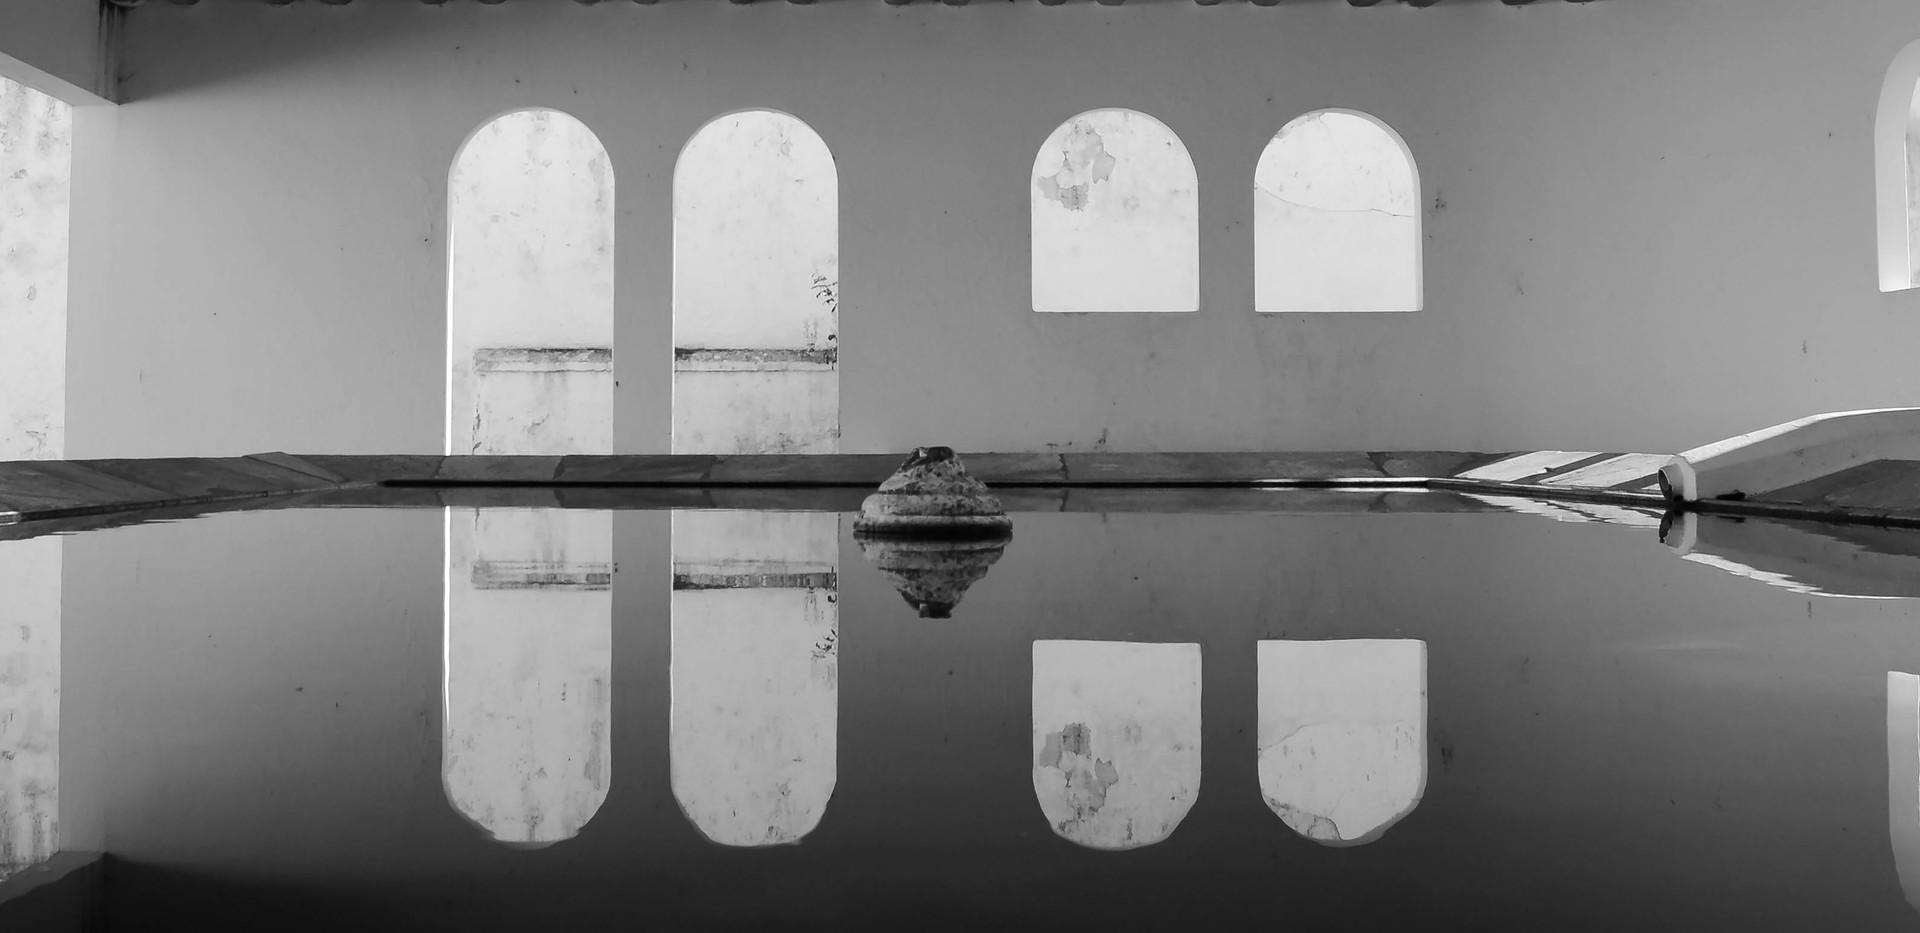 1.º lugar - Espelho de água